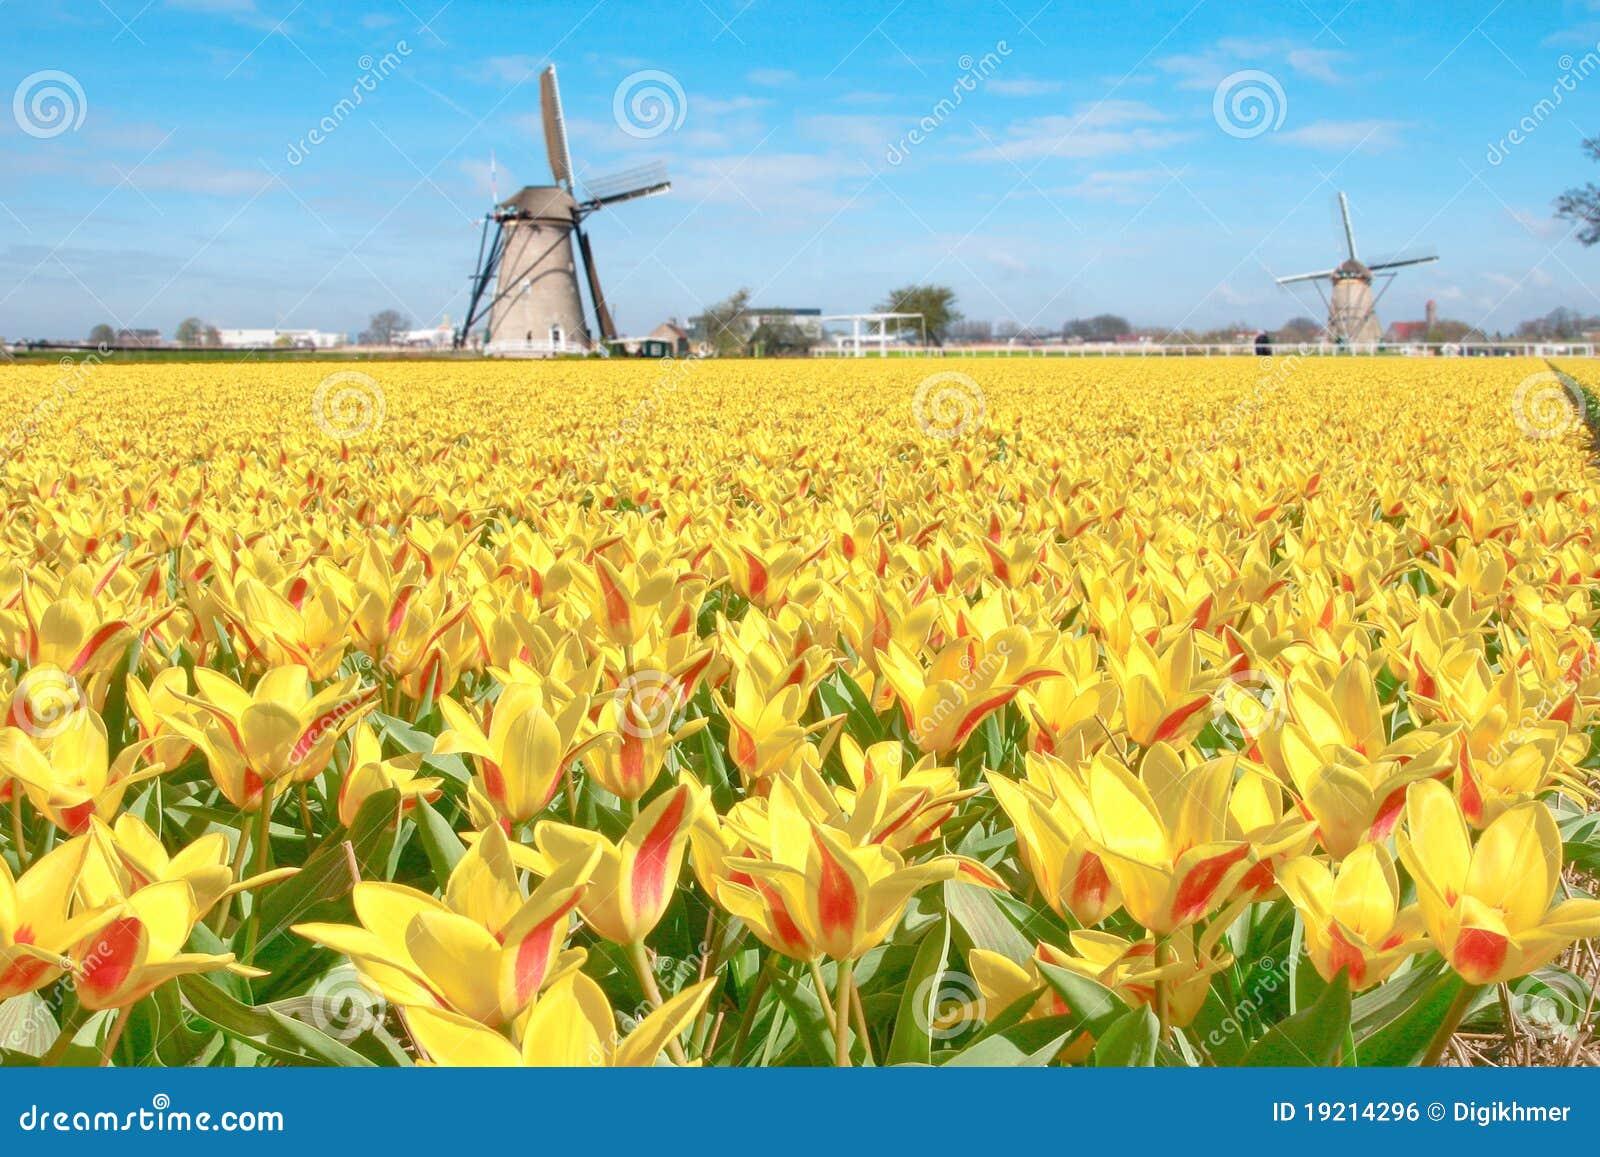 Holländische Tulpe-Windmühlen-Landschaft